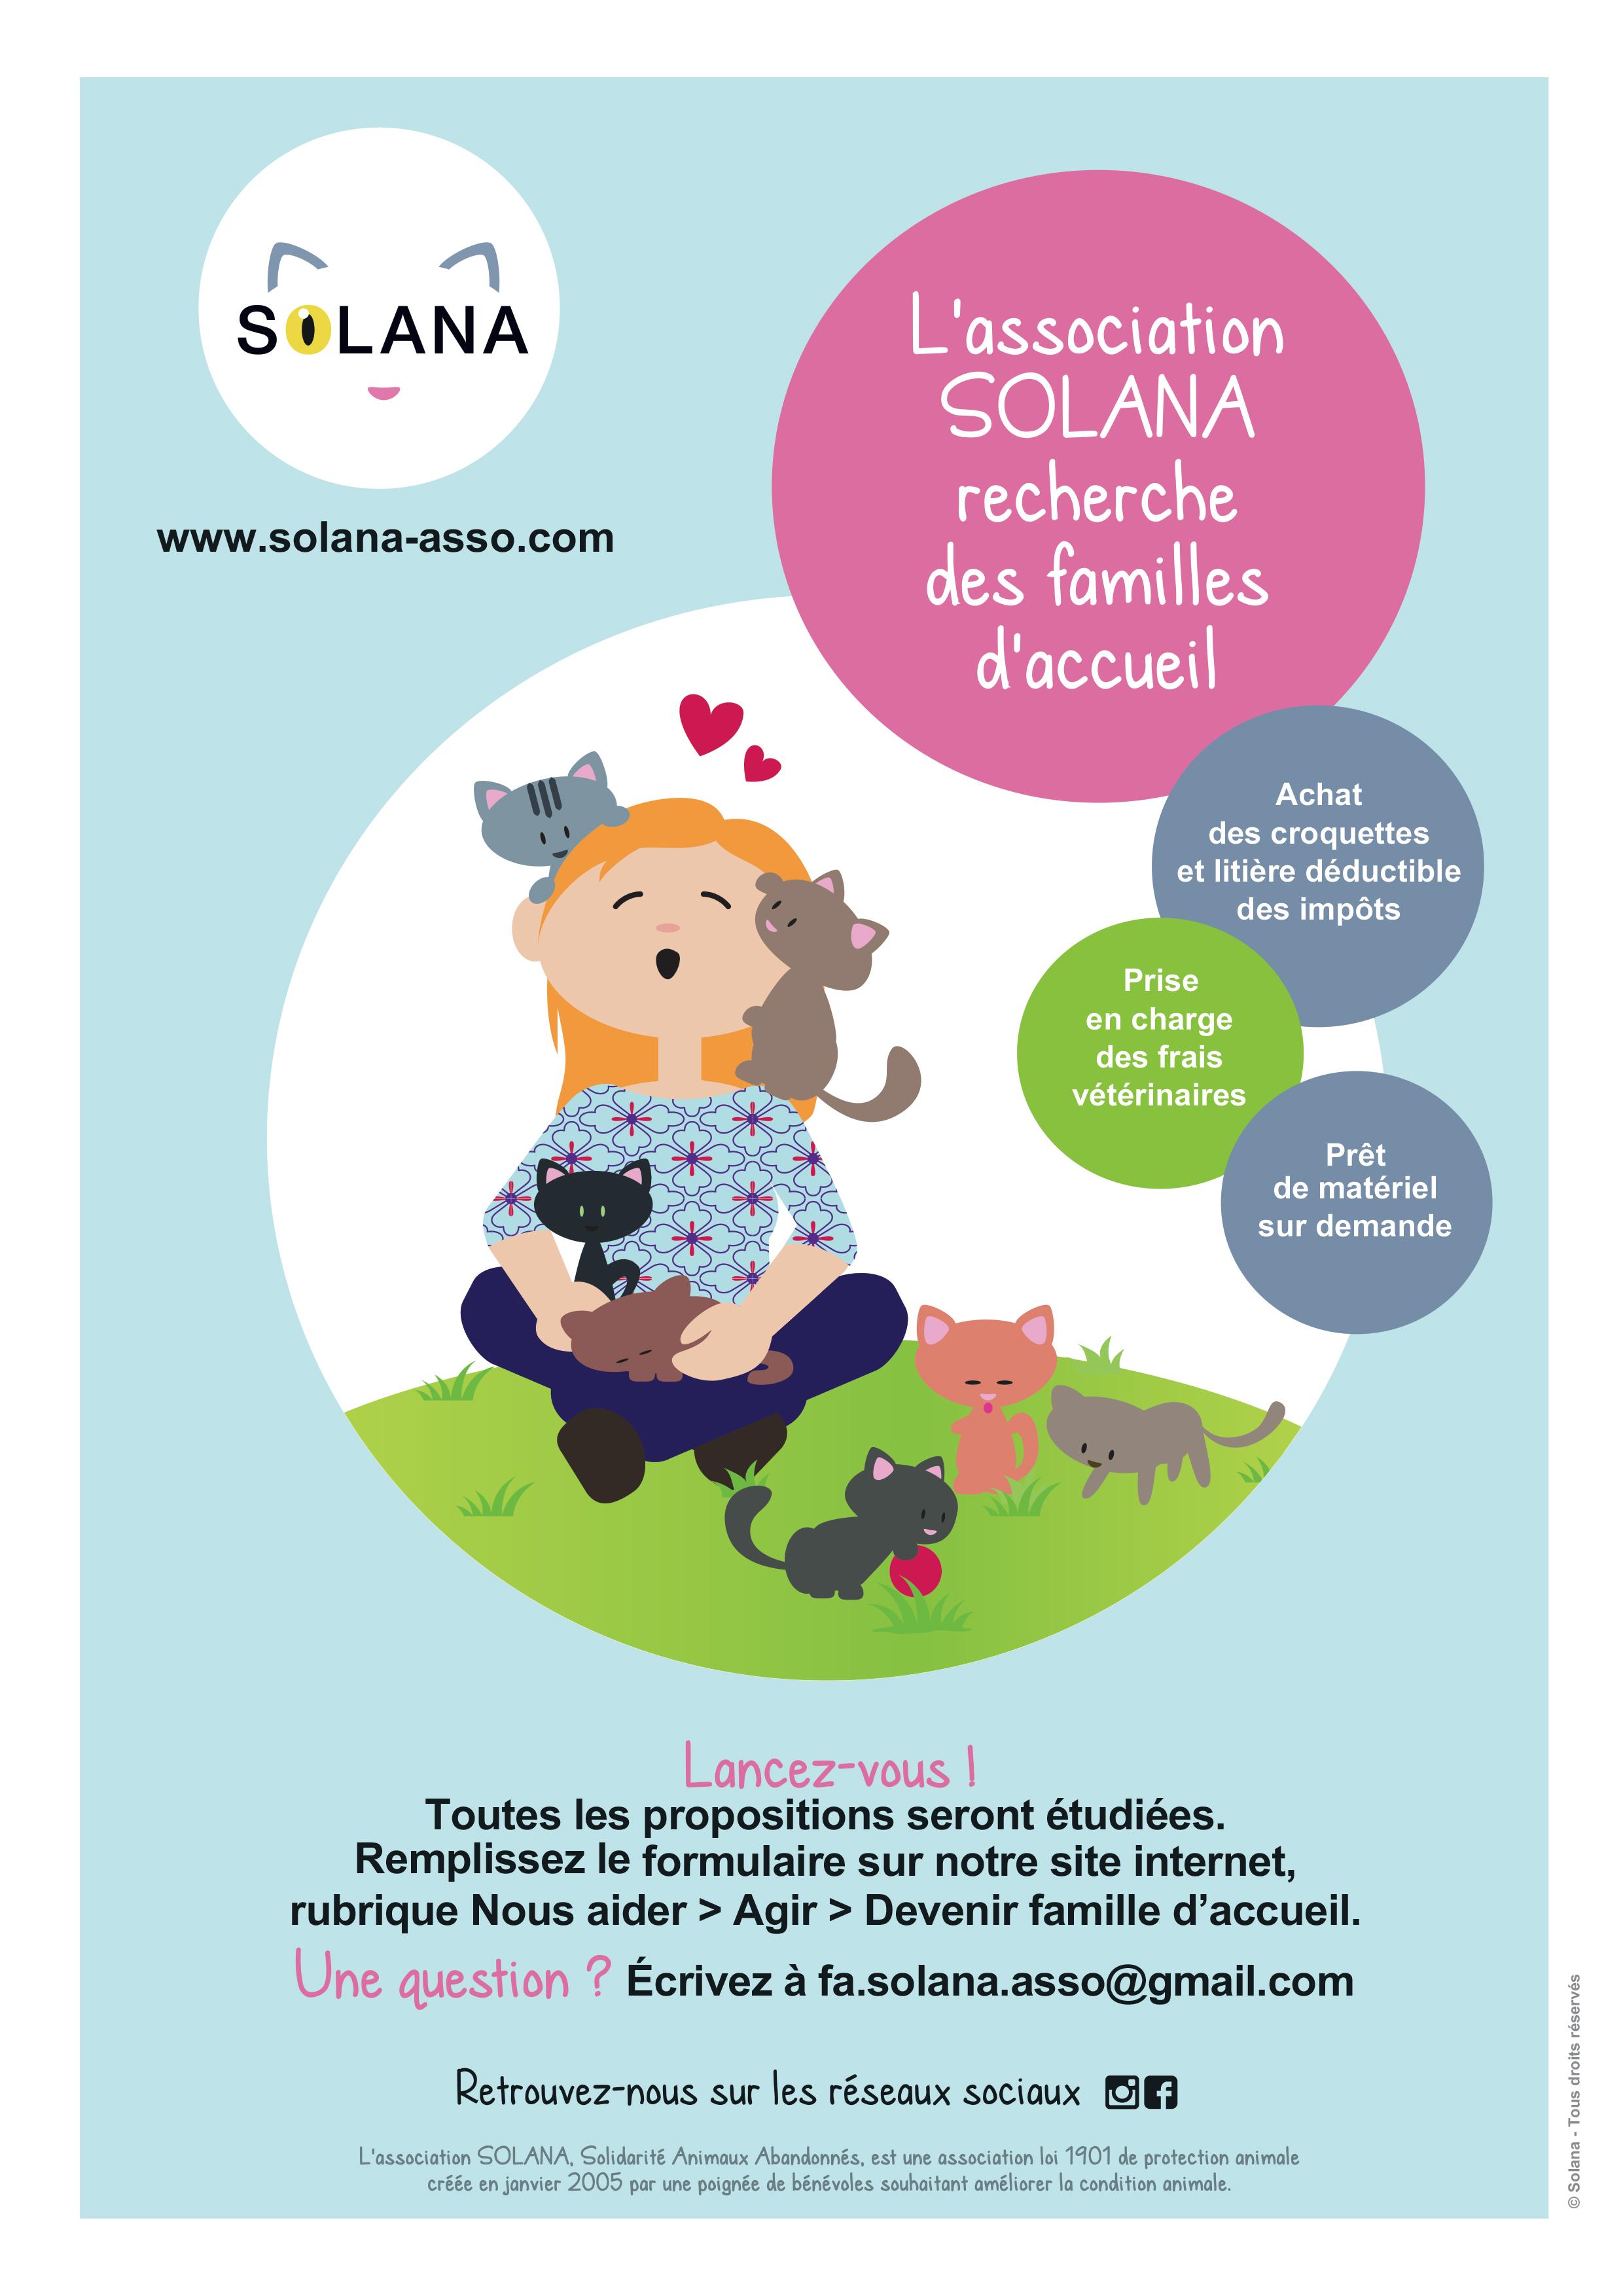 Solana recherche des familles d'accueil